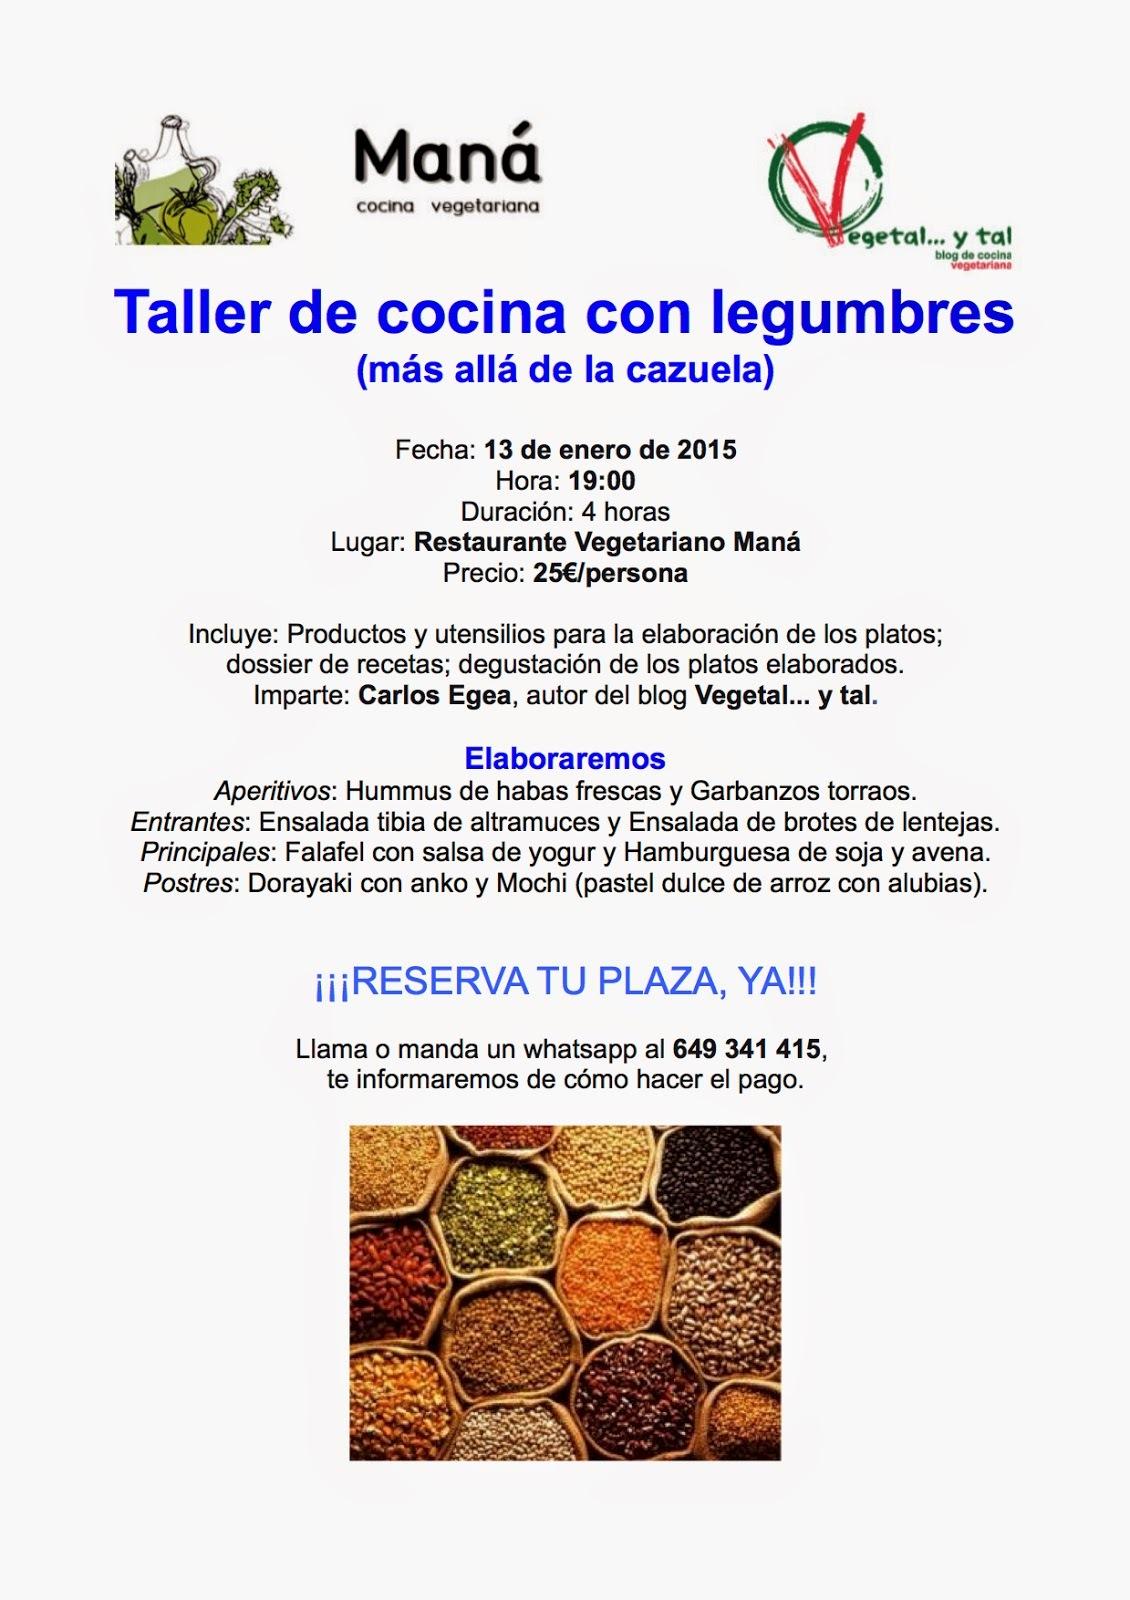 Taller de Cocina con Legumbres en Restaurante Maná